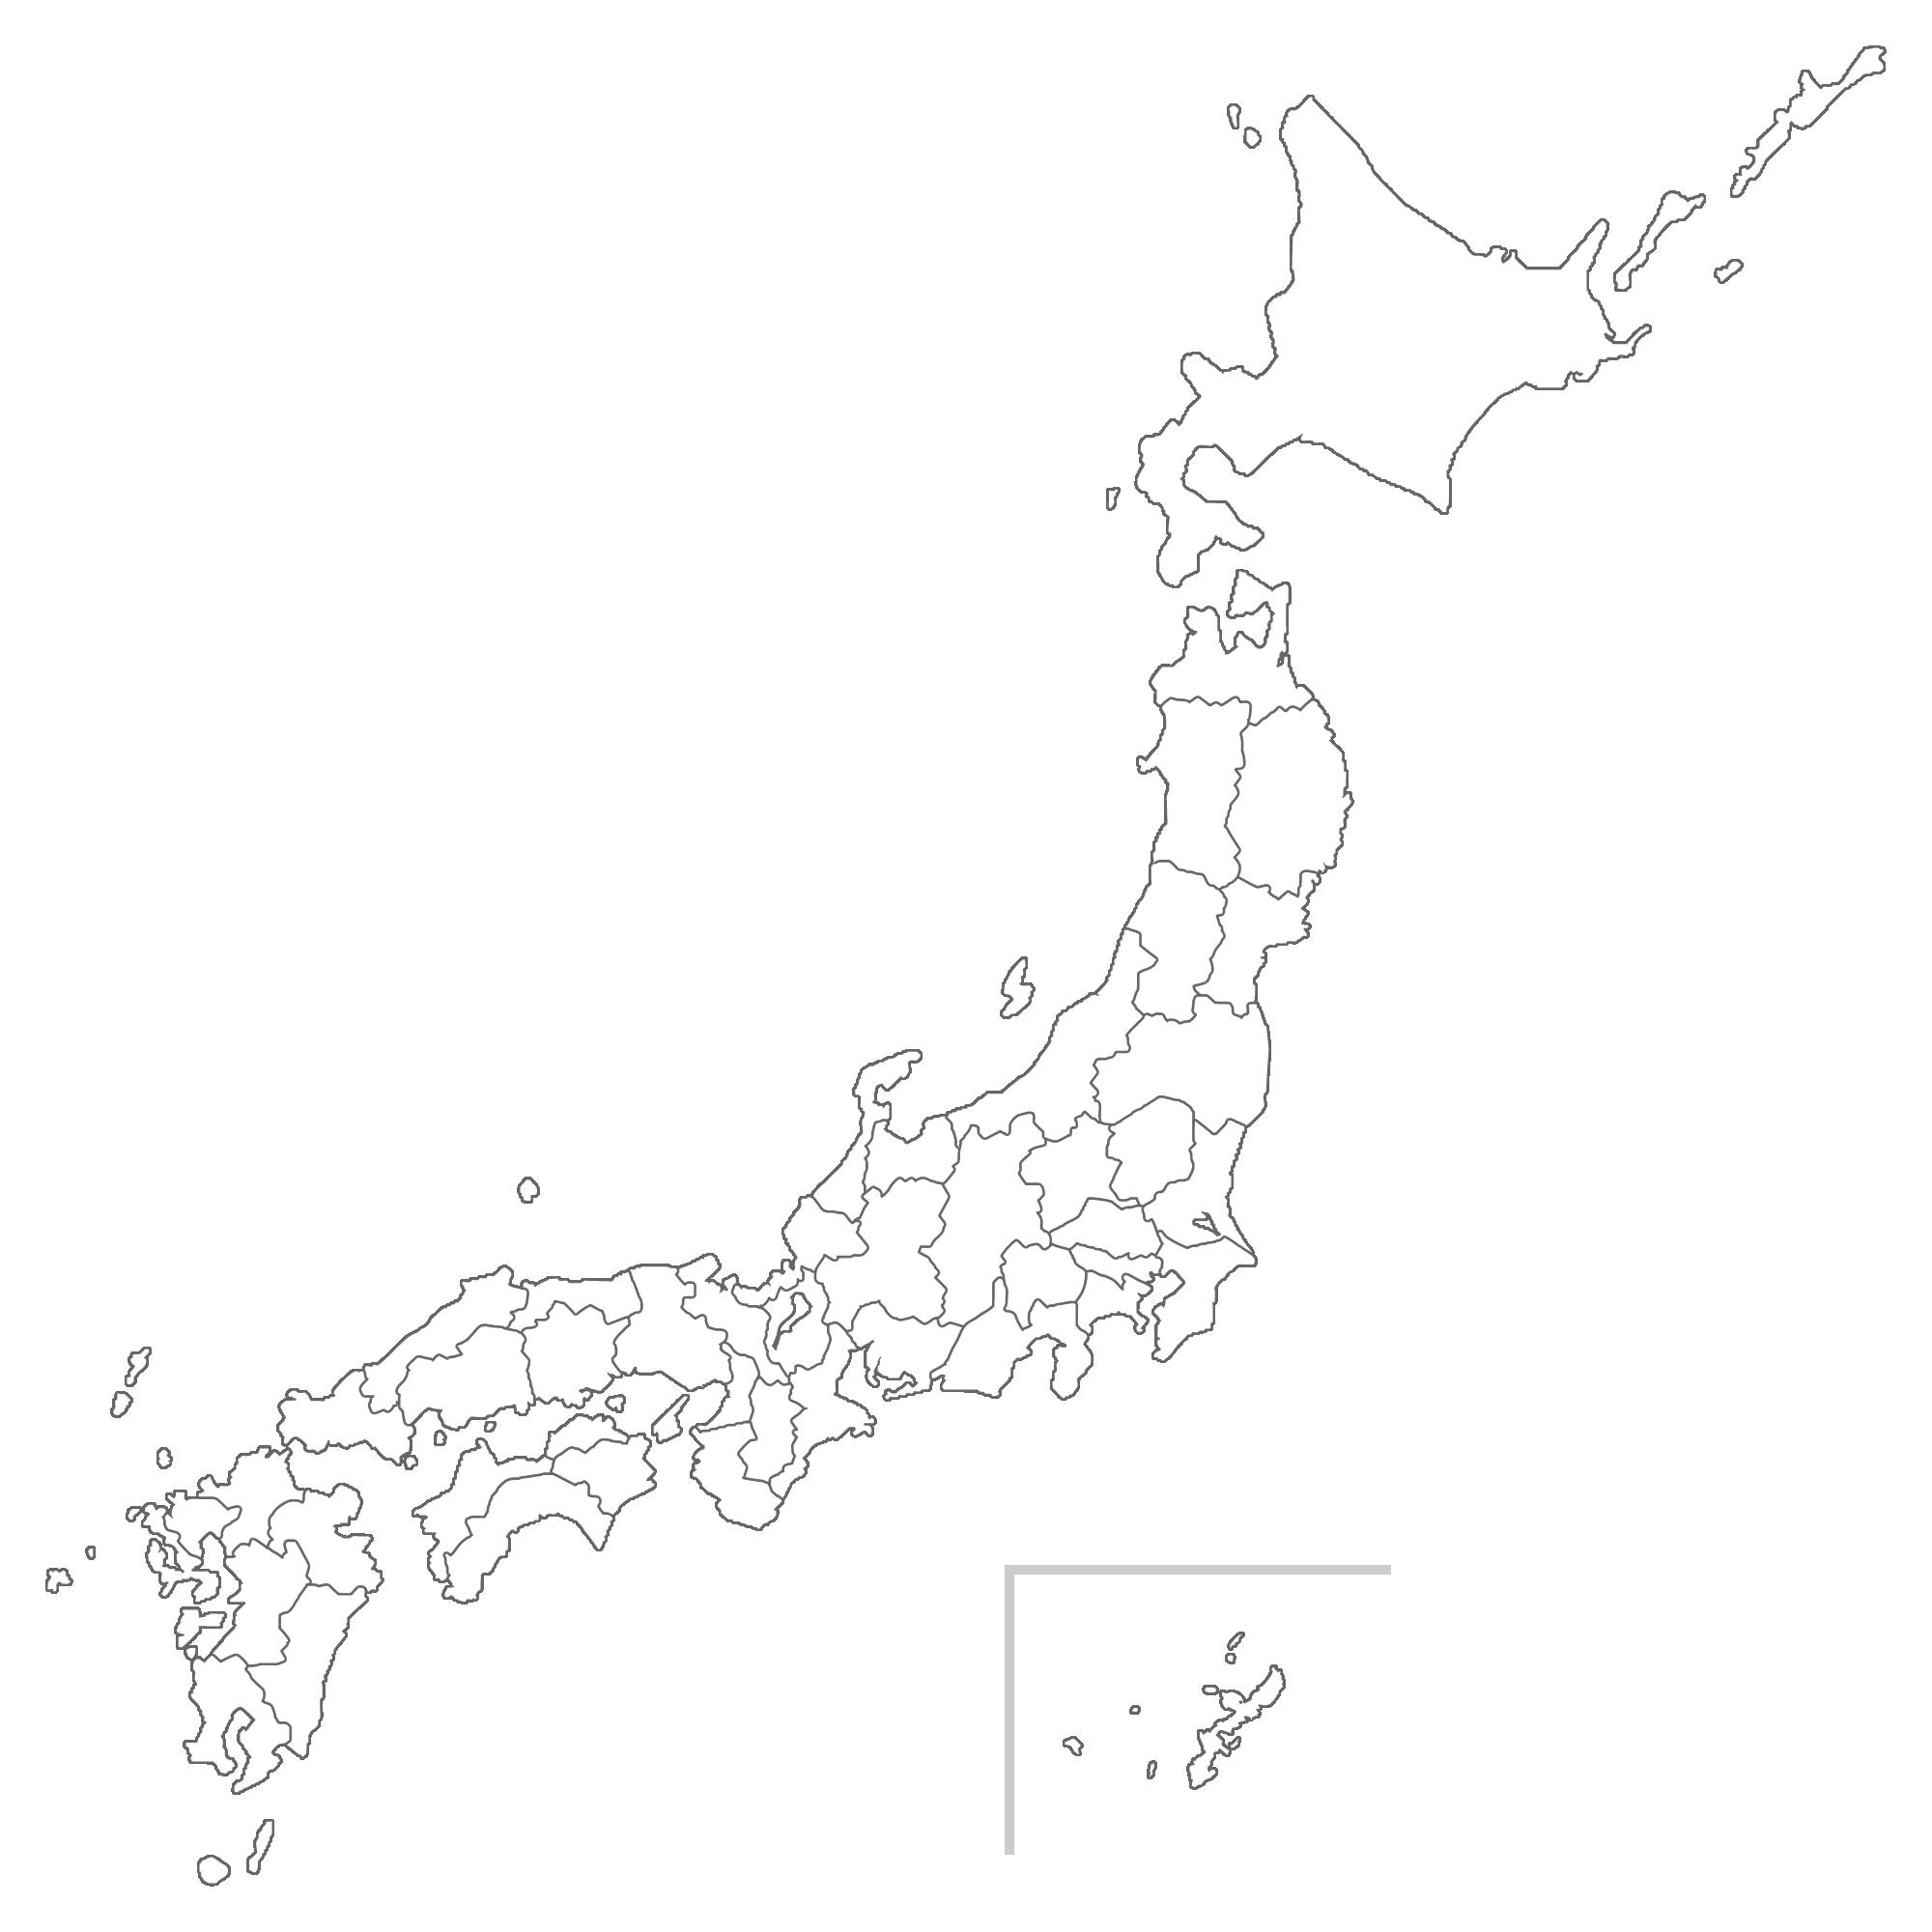 日本地図(白地図)のイラスト画像